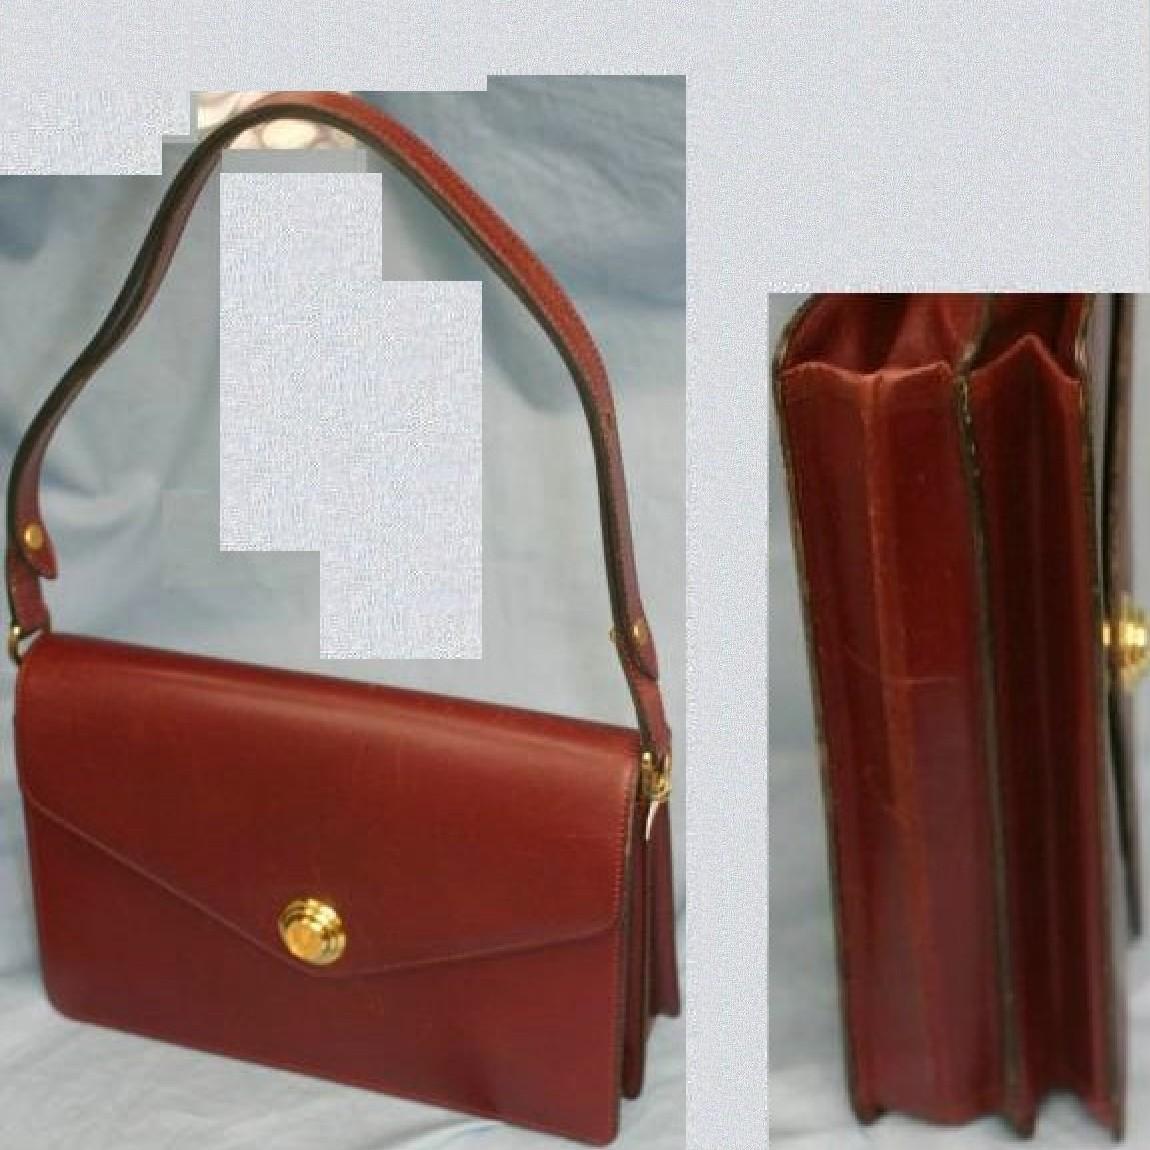 【中古】本物美品C,Dior女性用調節可能持ち手付きボルドー色ショルダーバッグ サイズW25H16,5D9cm 20年位前に購入